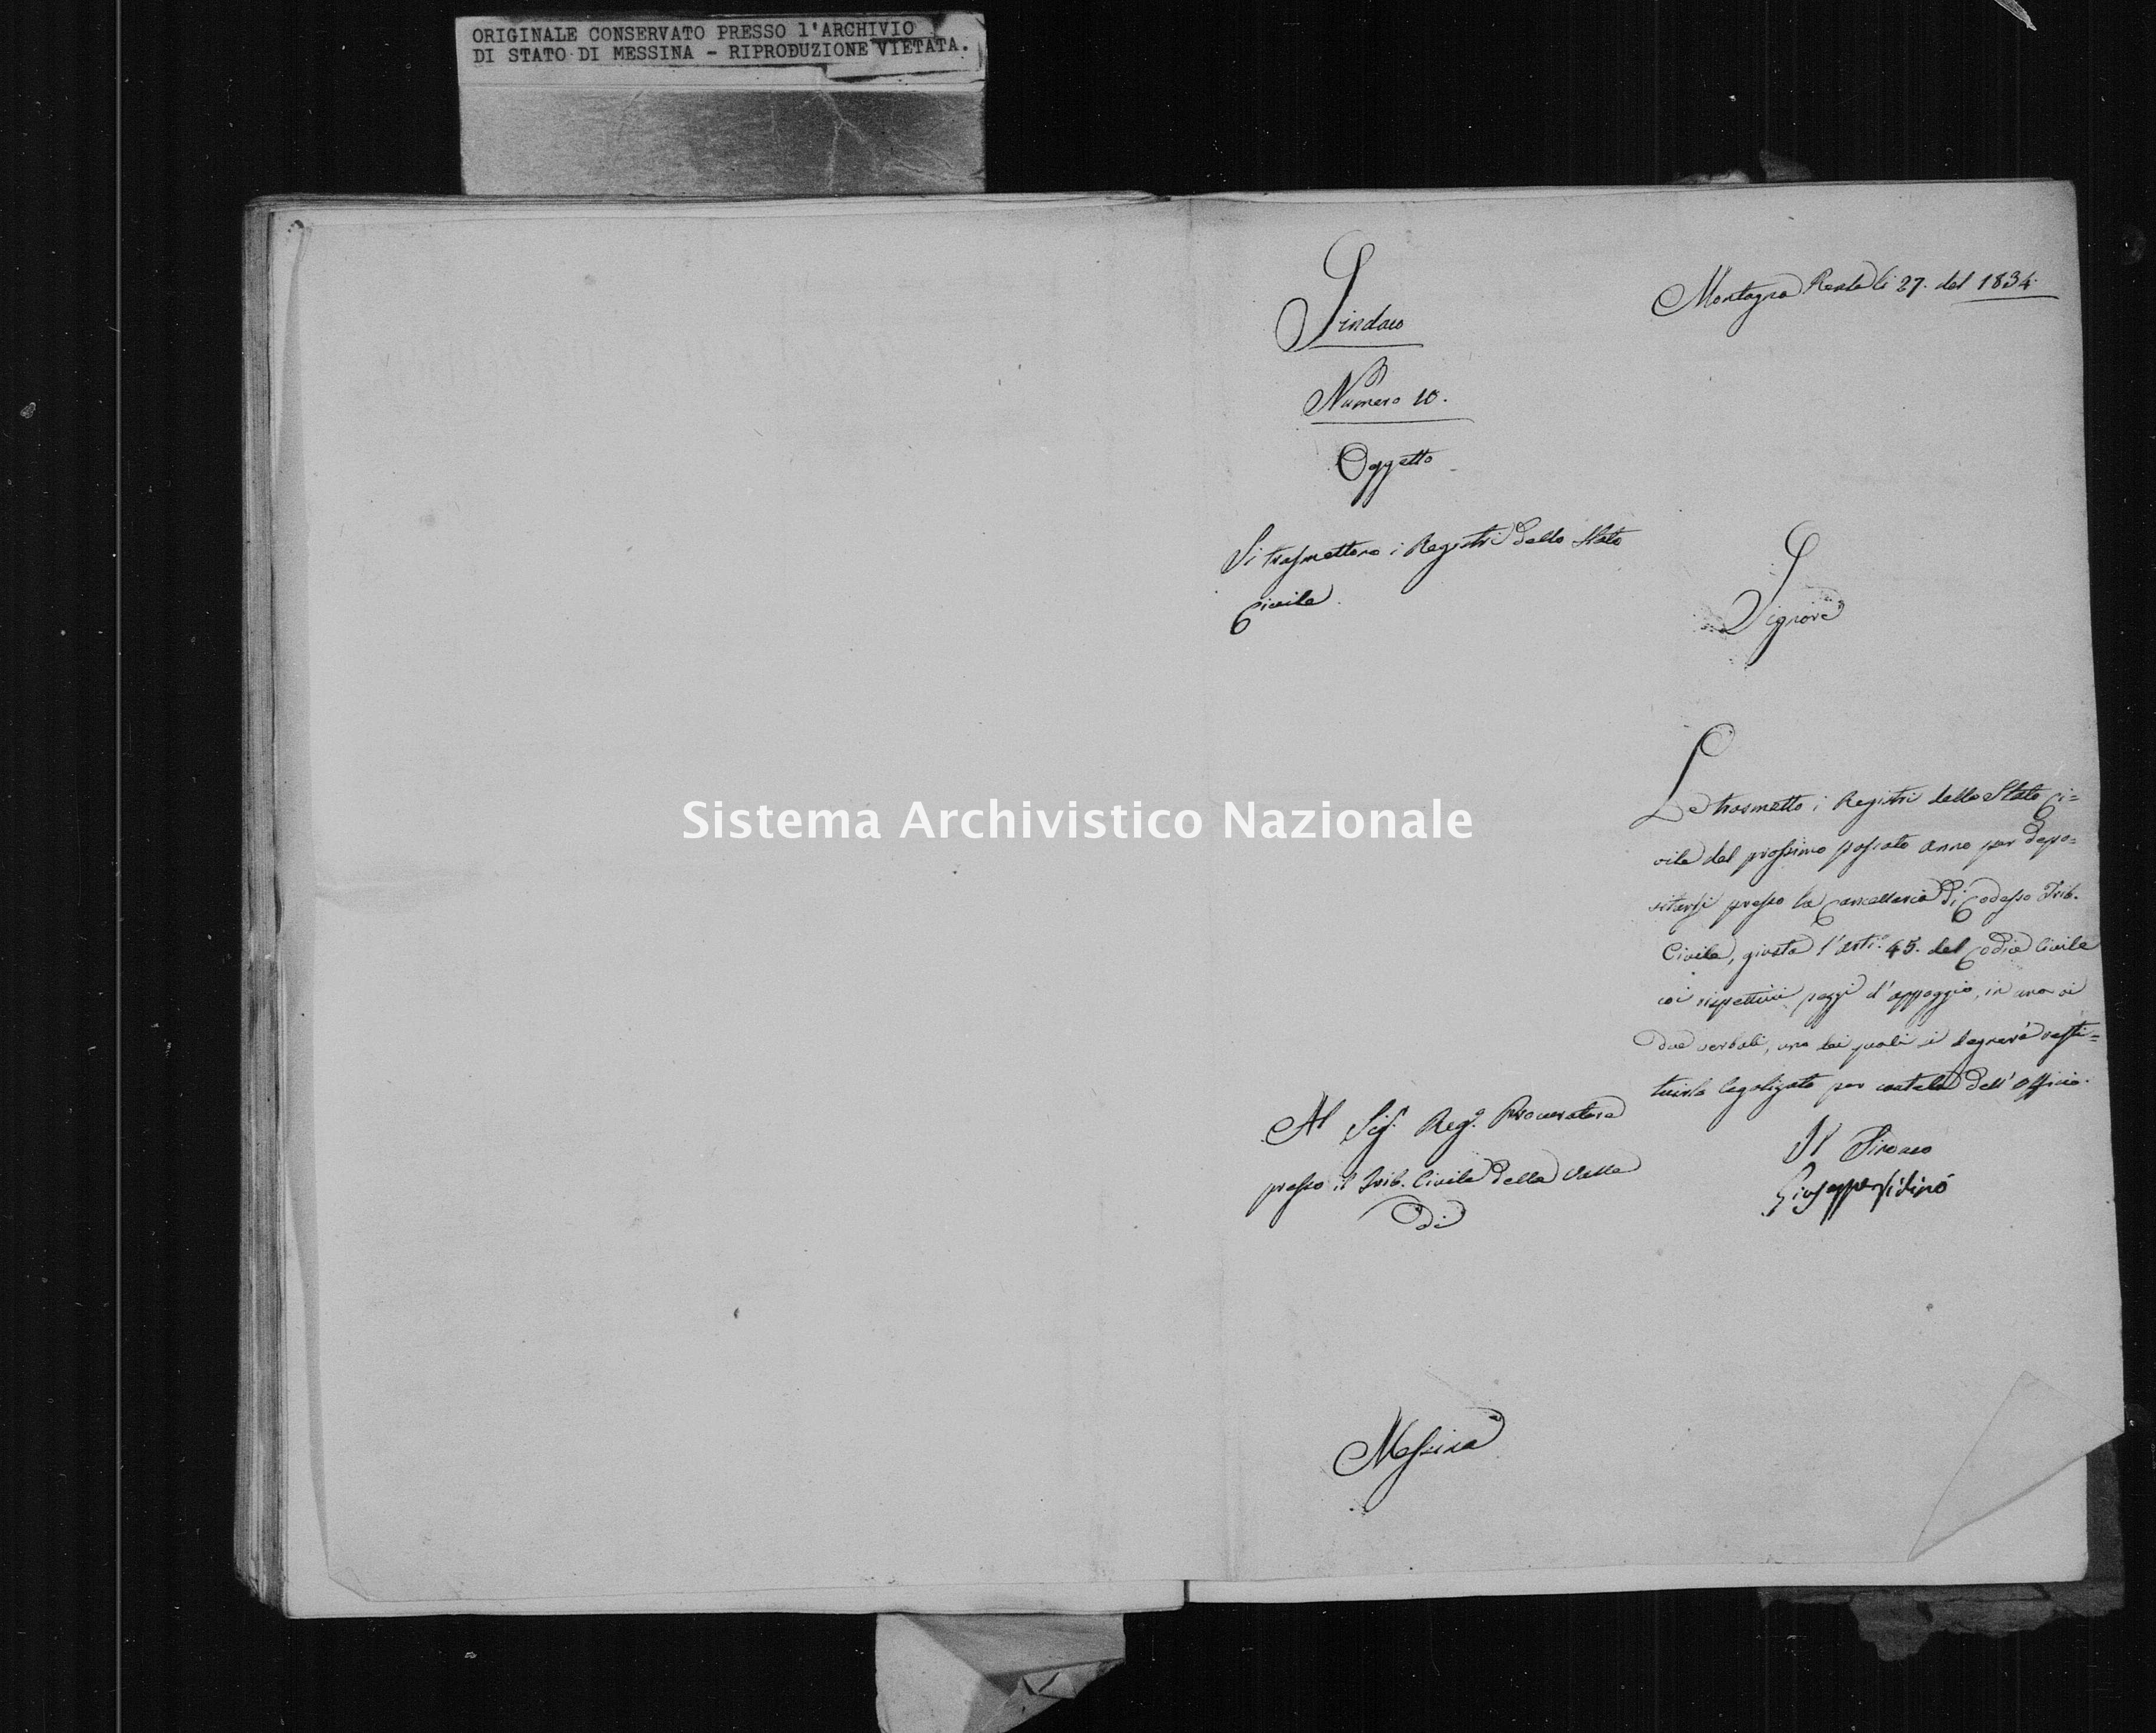 Archivio di stato di Messina - Stato civile della restaurazione - Montagnareale - Inventario - 1833 - 874 -